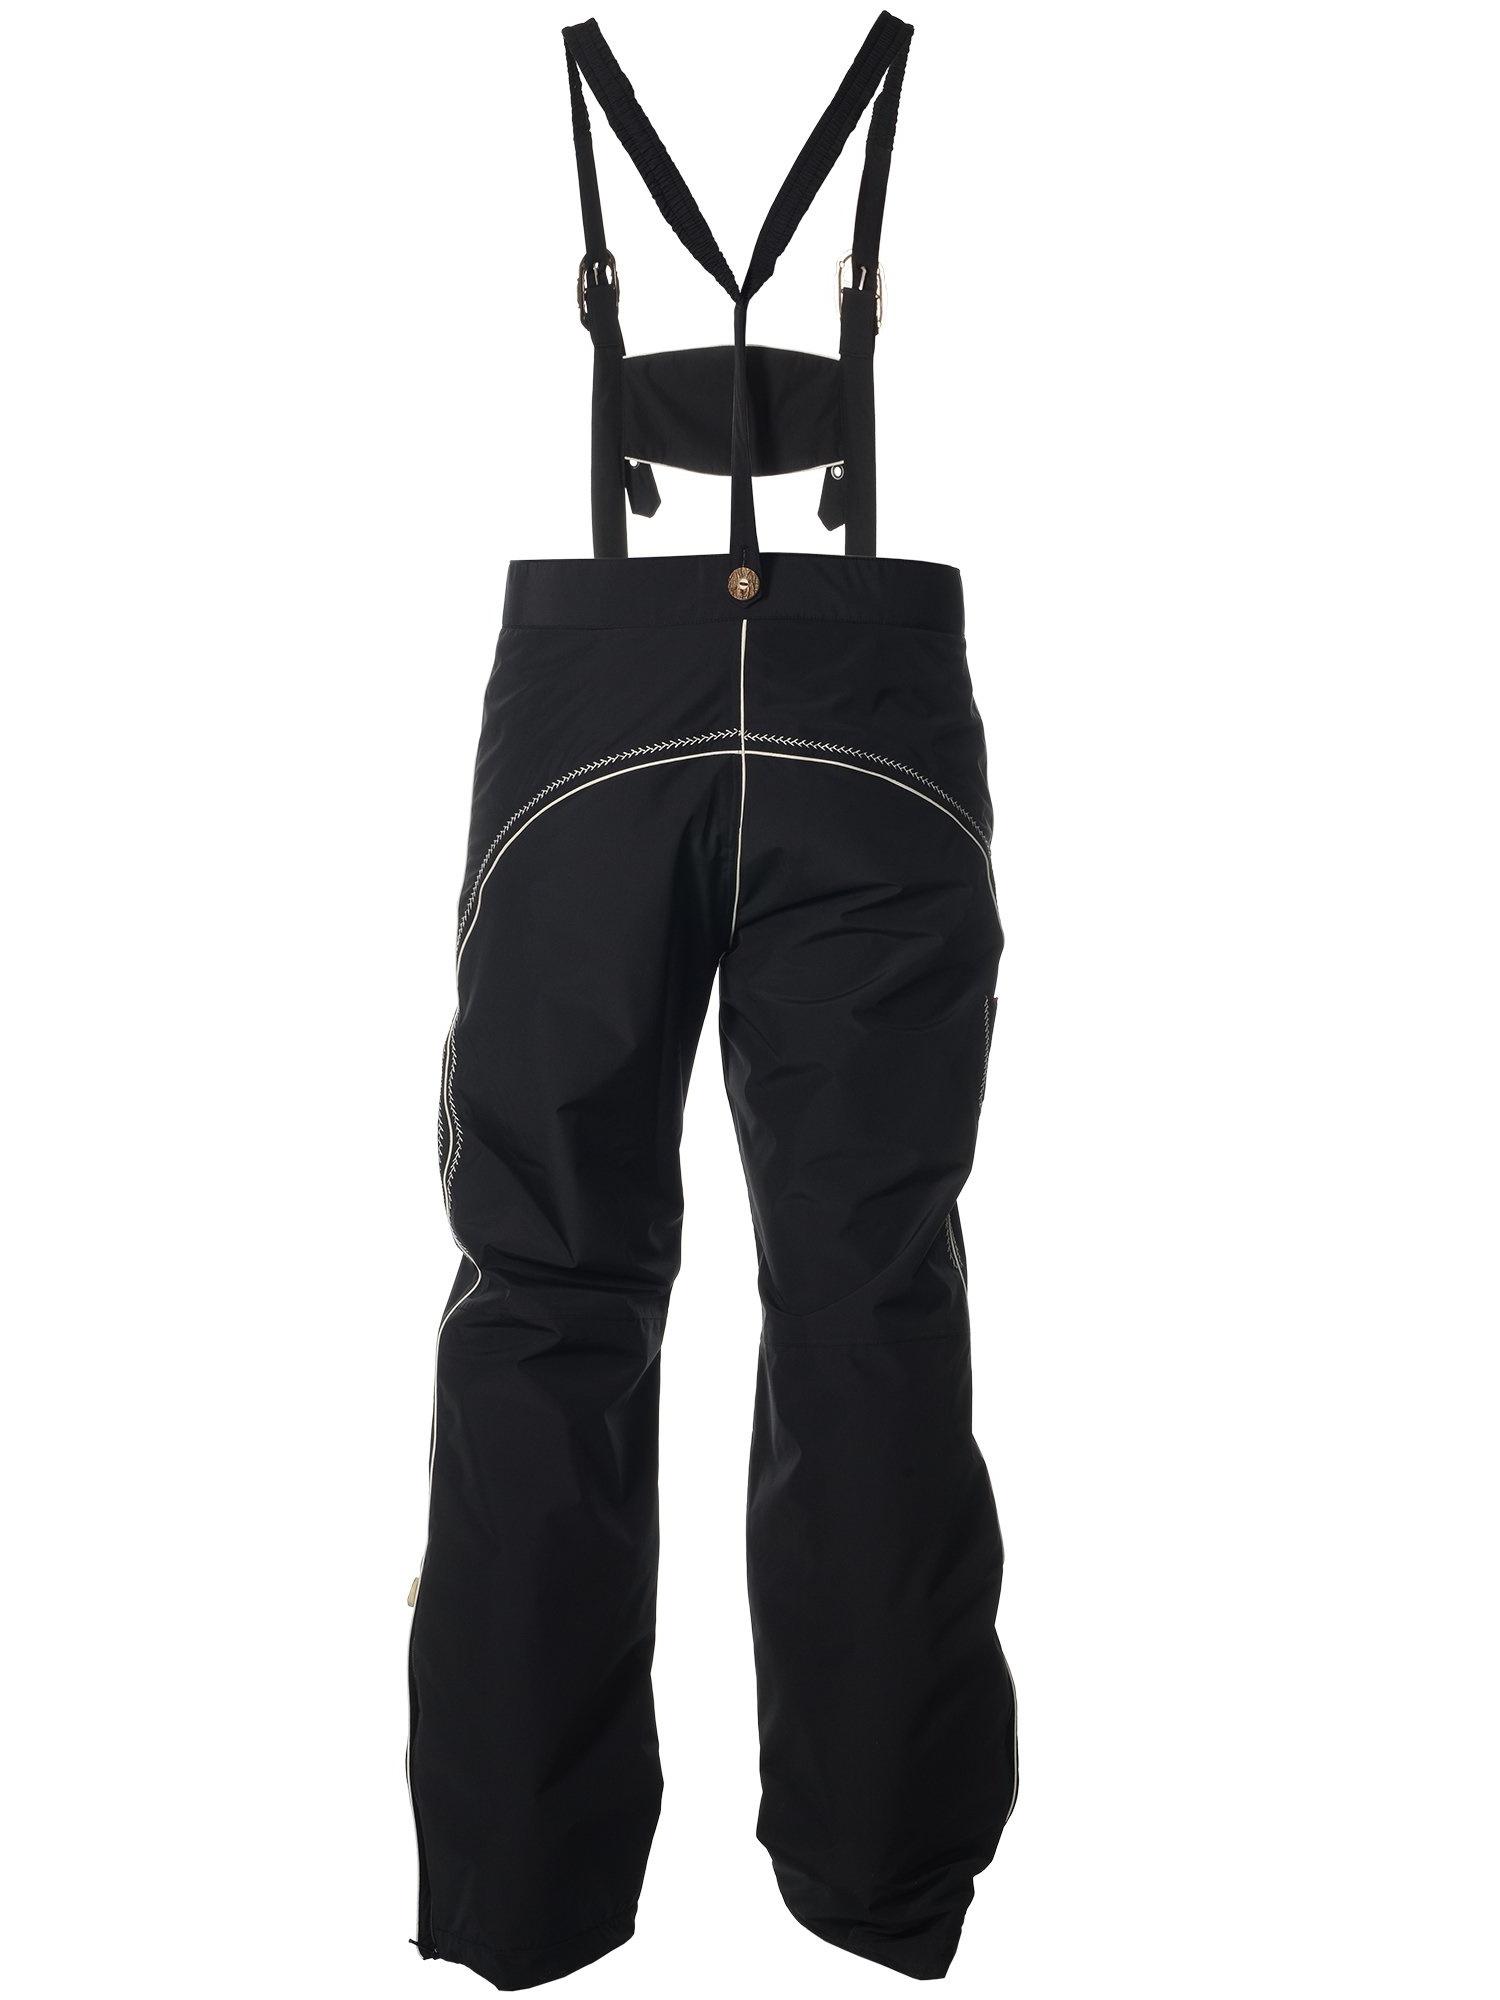 Мужская горнолыжная одежда Almrausch Staad-Lois 320103-121326 фото